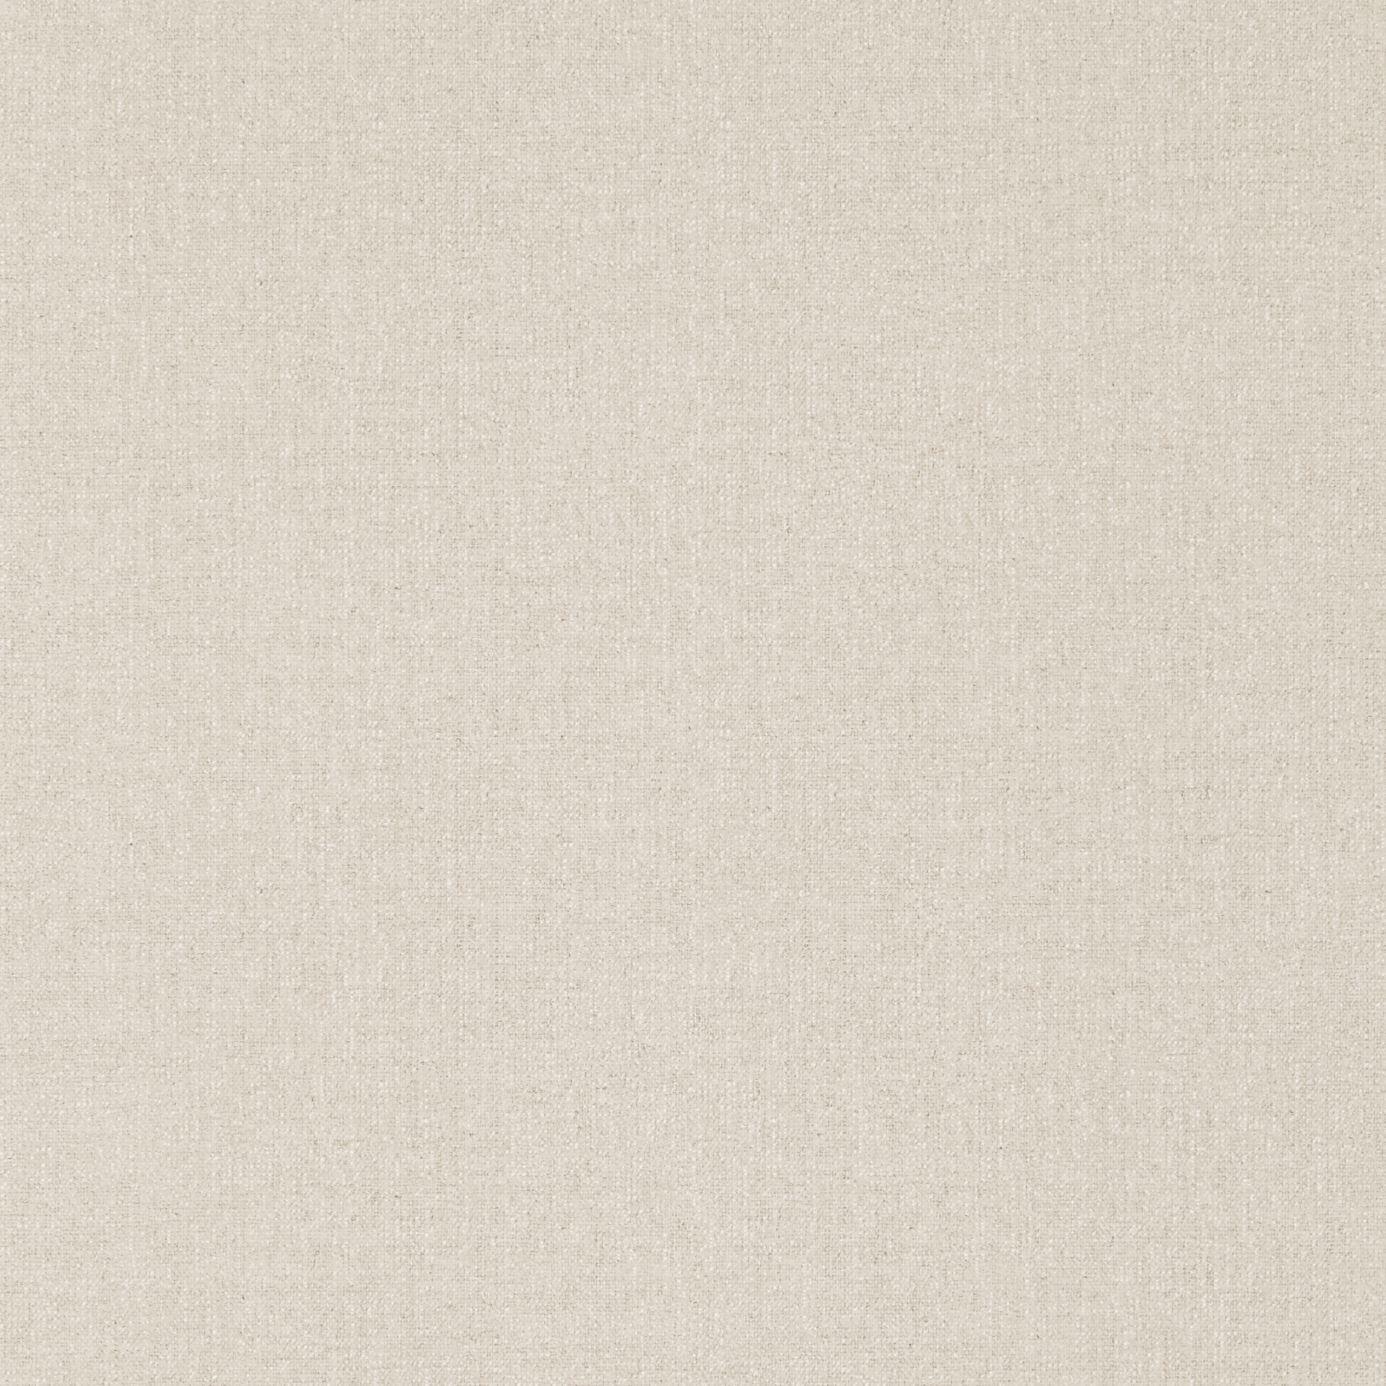 Английские обои Sanderson,  коллекция Sojourn, артикул215449